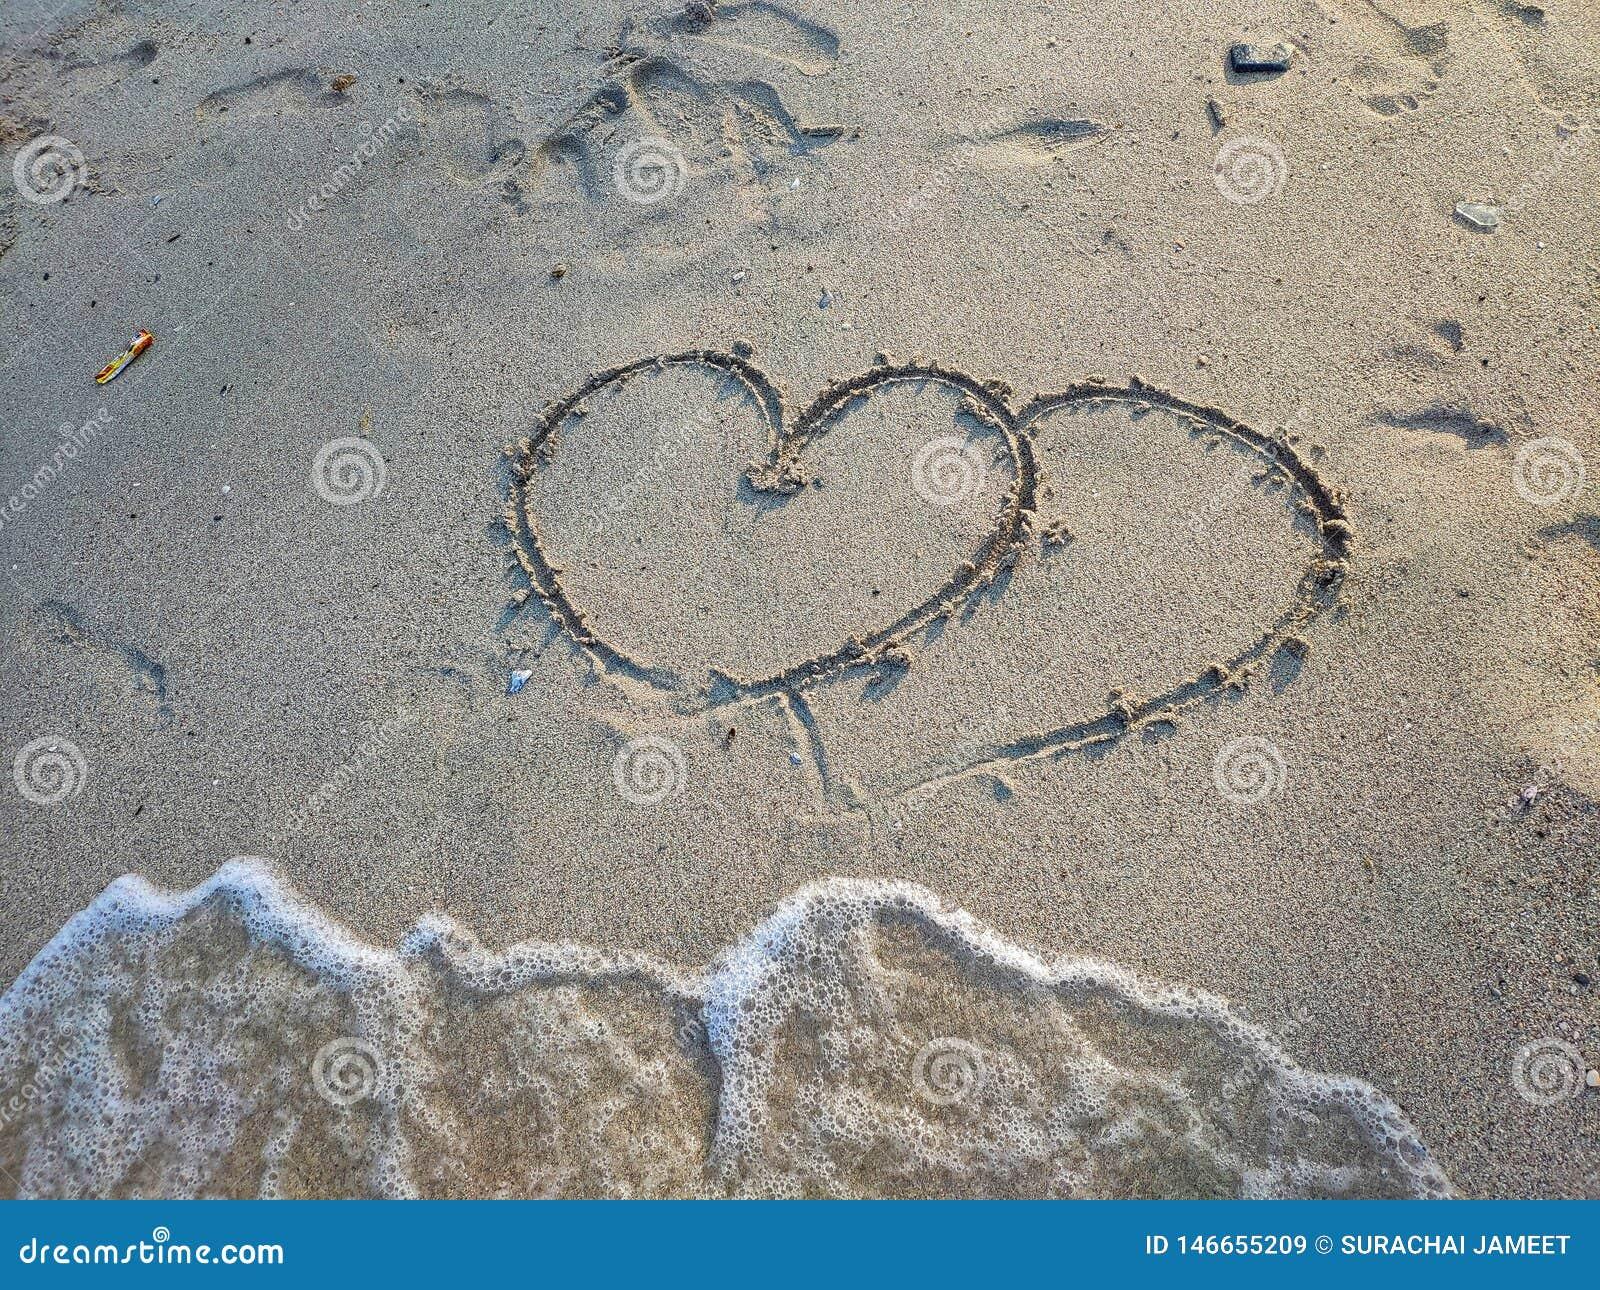 Na piasku, tam jest dwa serc rysowa? Pod s? b?bla fale przychodz? przestrze? troszk?, lata poj?cie poj?cia serce nad czerwieni r?